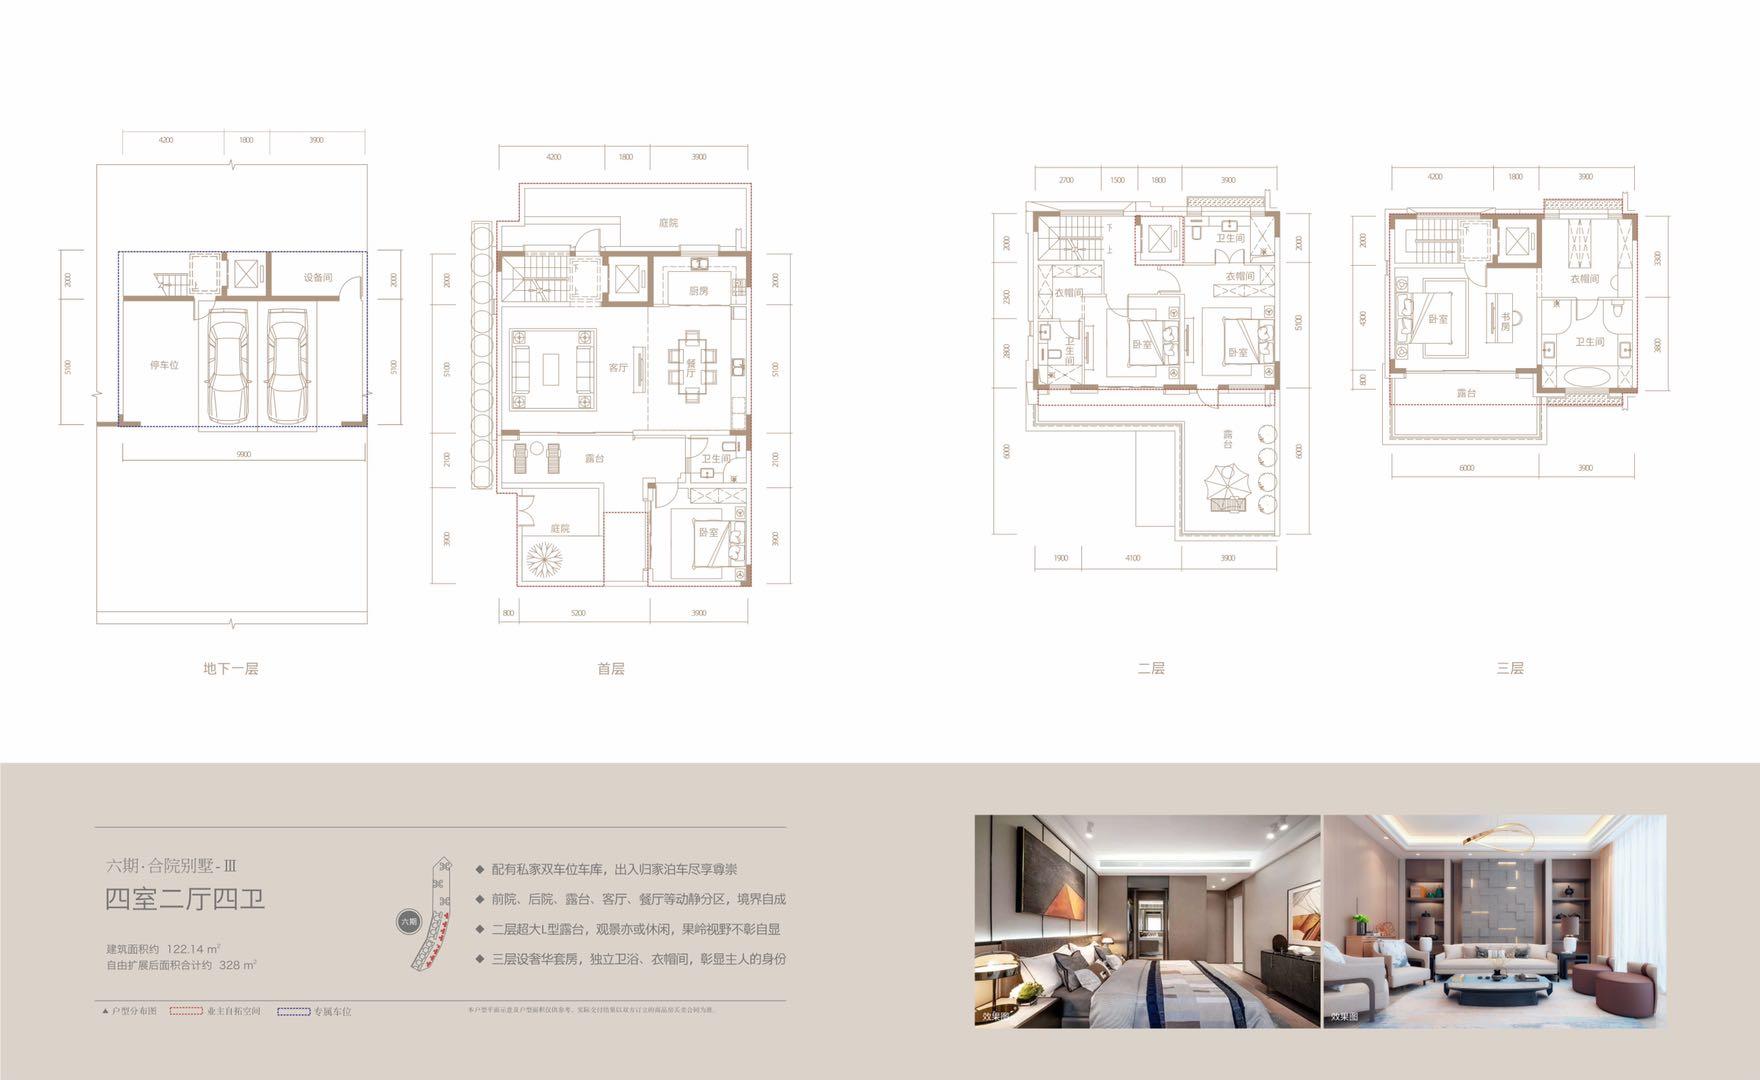 合院别墅-III户型 4室2厅4卫1厨 建面122.14㎡